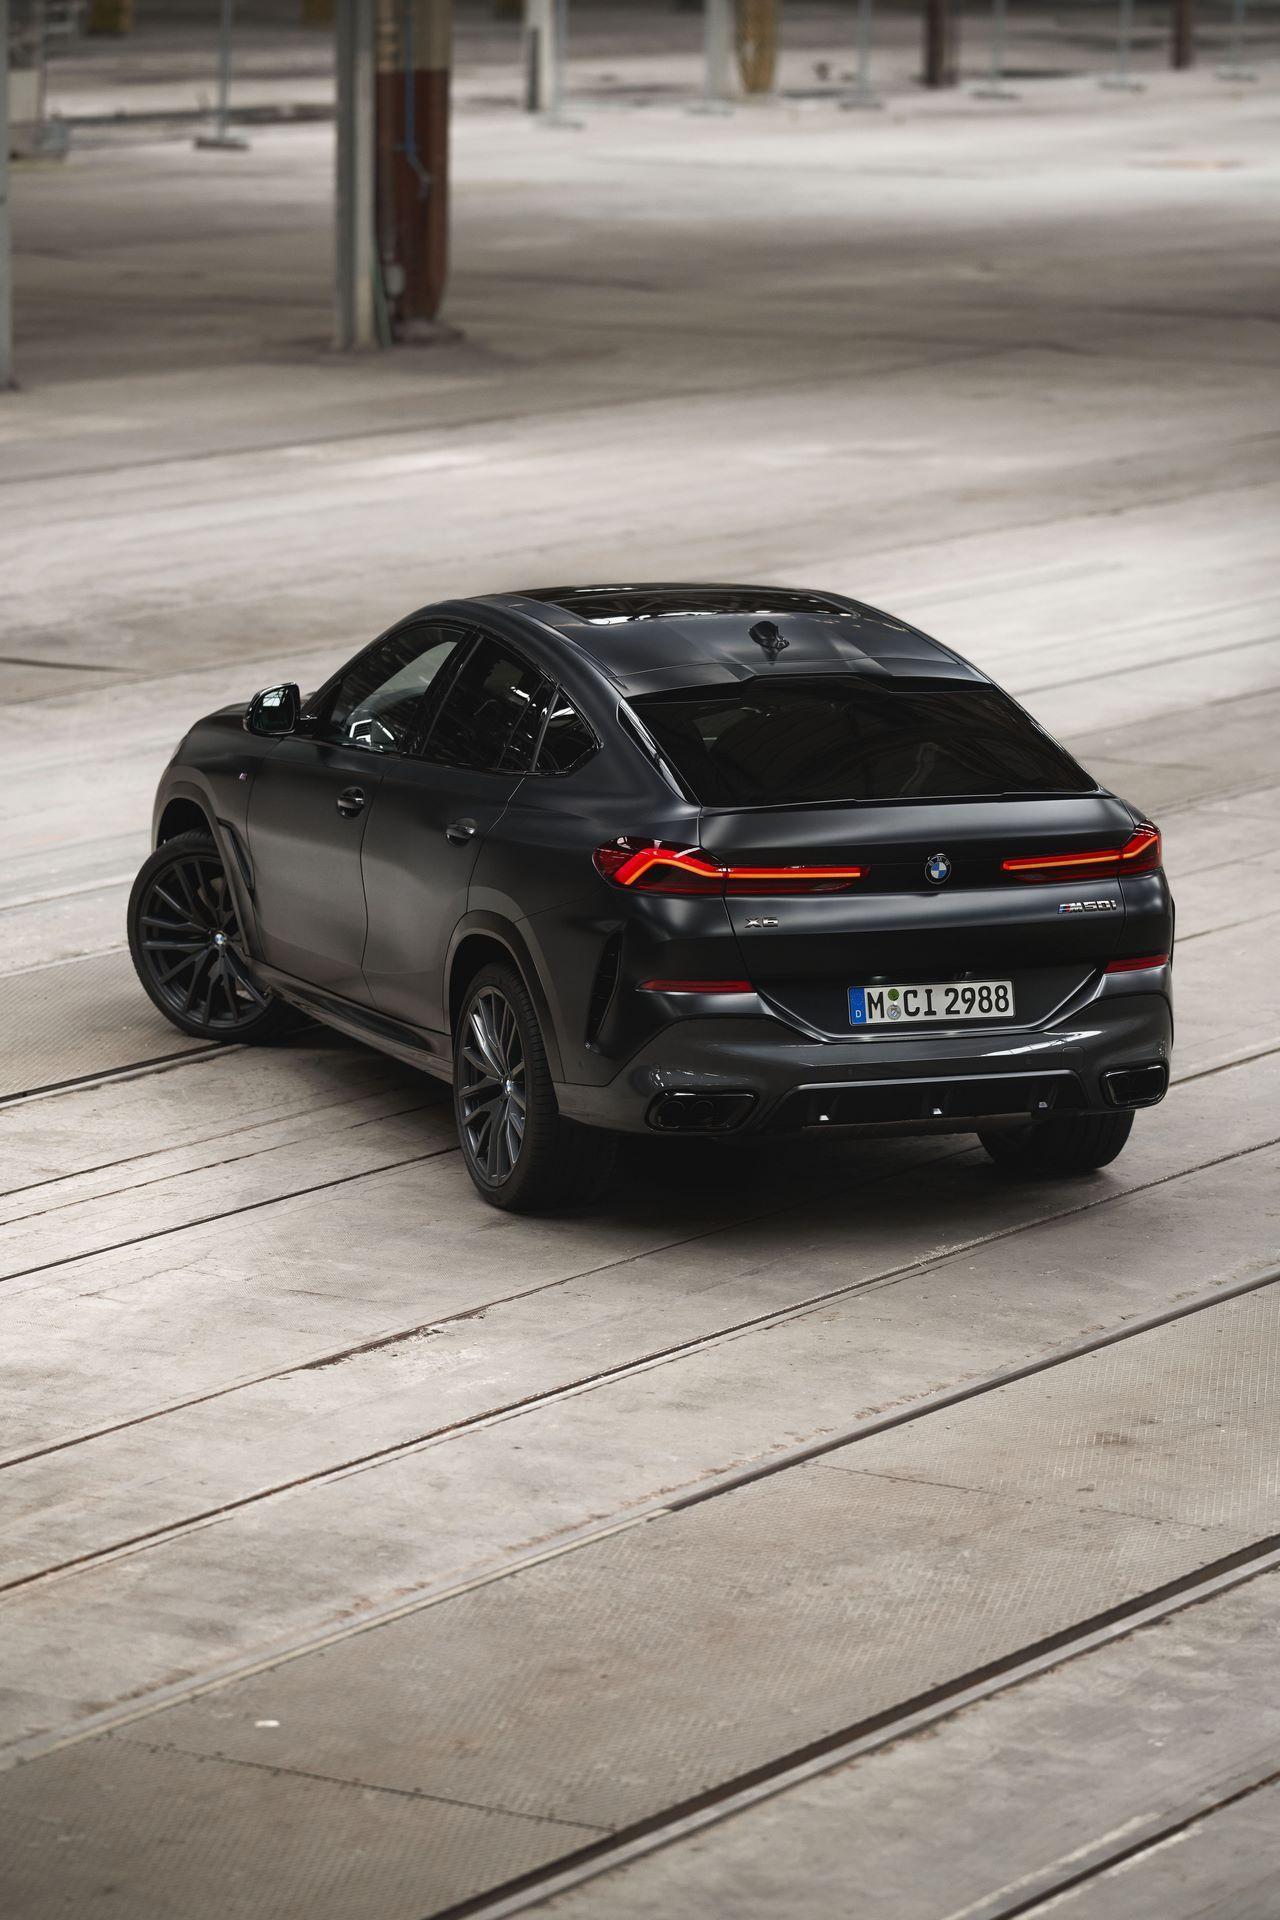 BMW-X5-Χ6-Black-Vermilion-X7-Limited-Edition-28